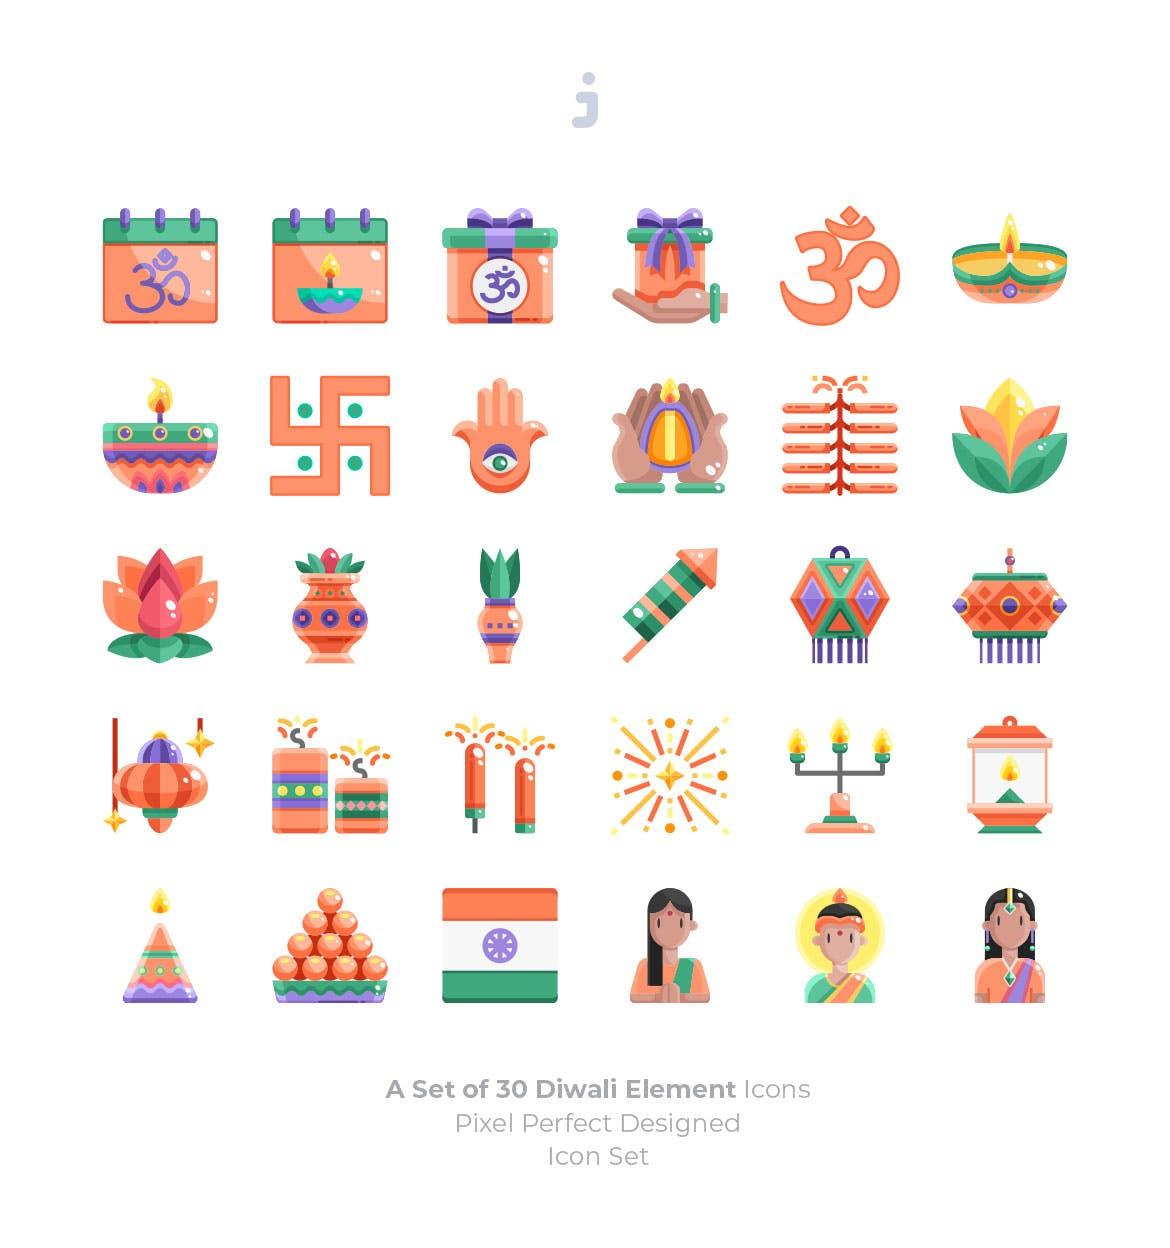 30个排灯节元素图标源文件下载30 Diwali Element Icons Flat插图(1)